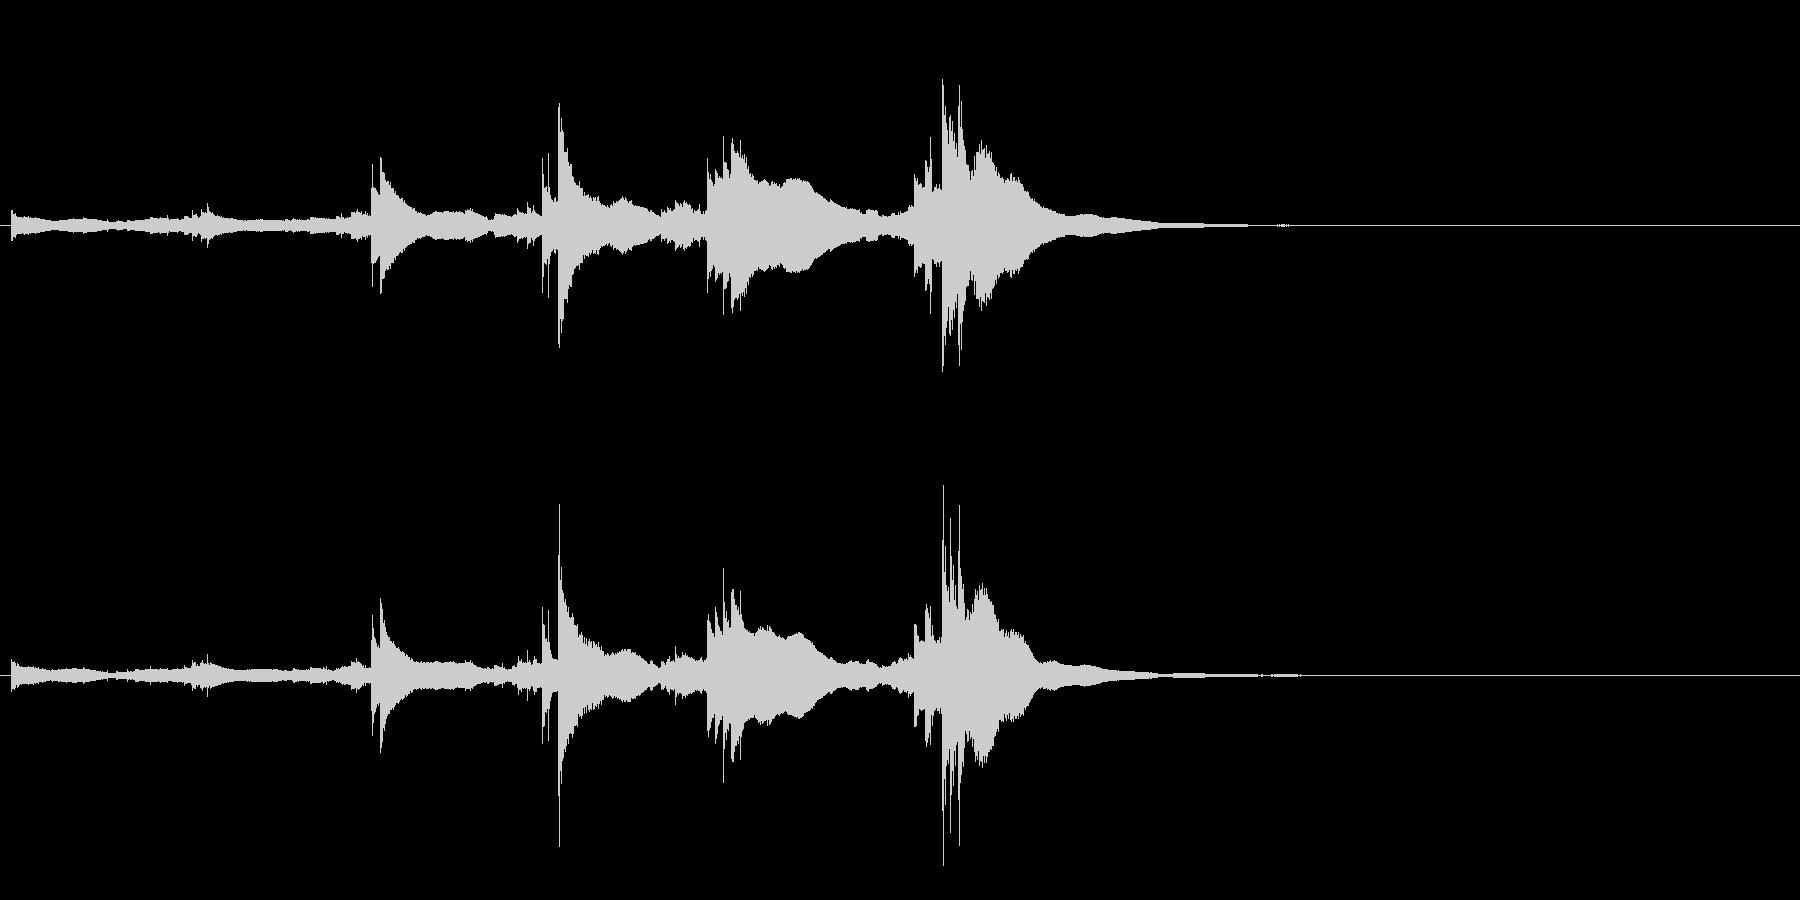 小型の鐘「本つり鐘」のフレーズ音2の未再生の波形